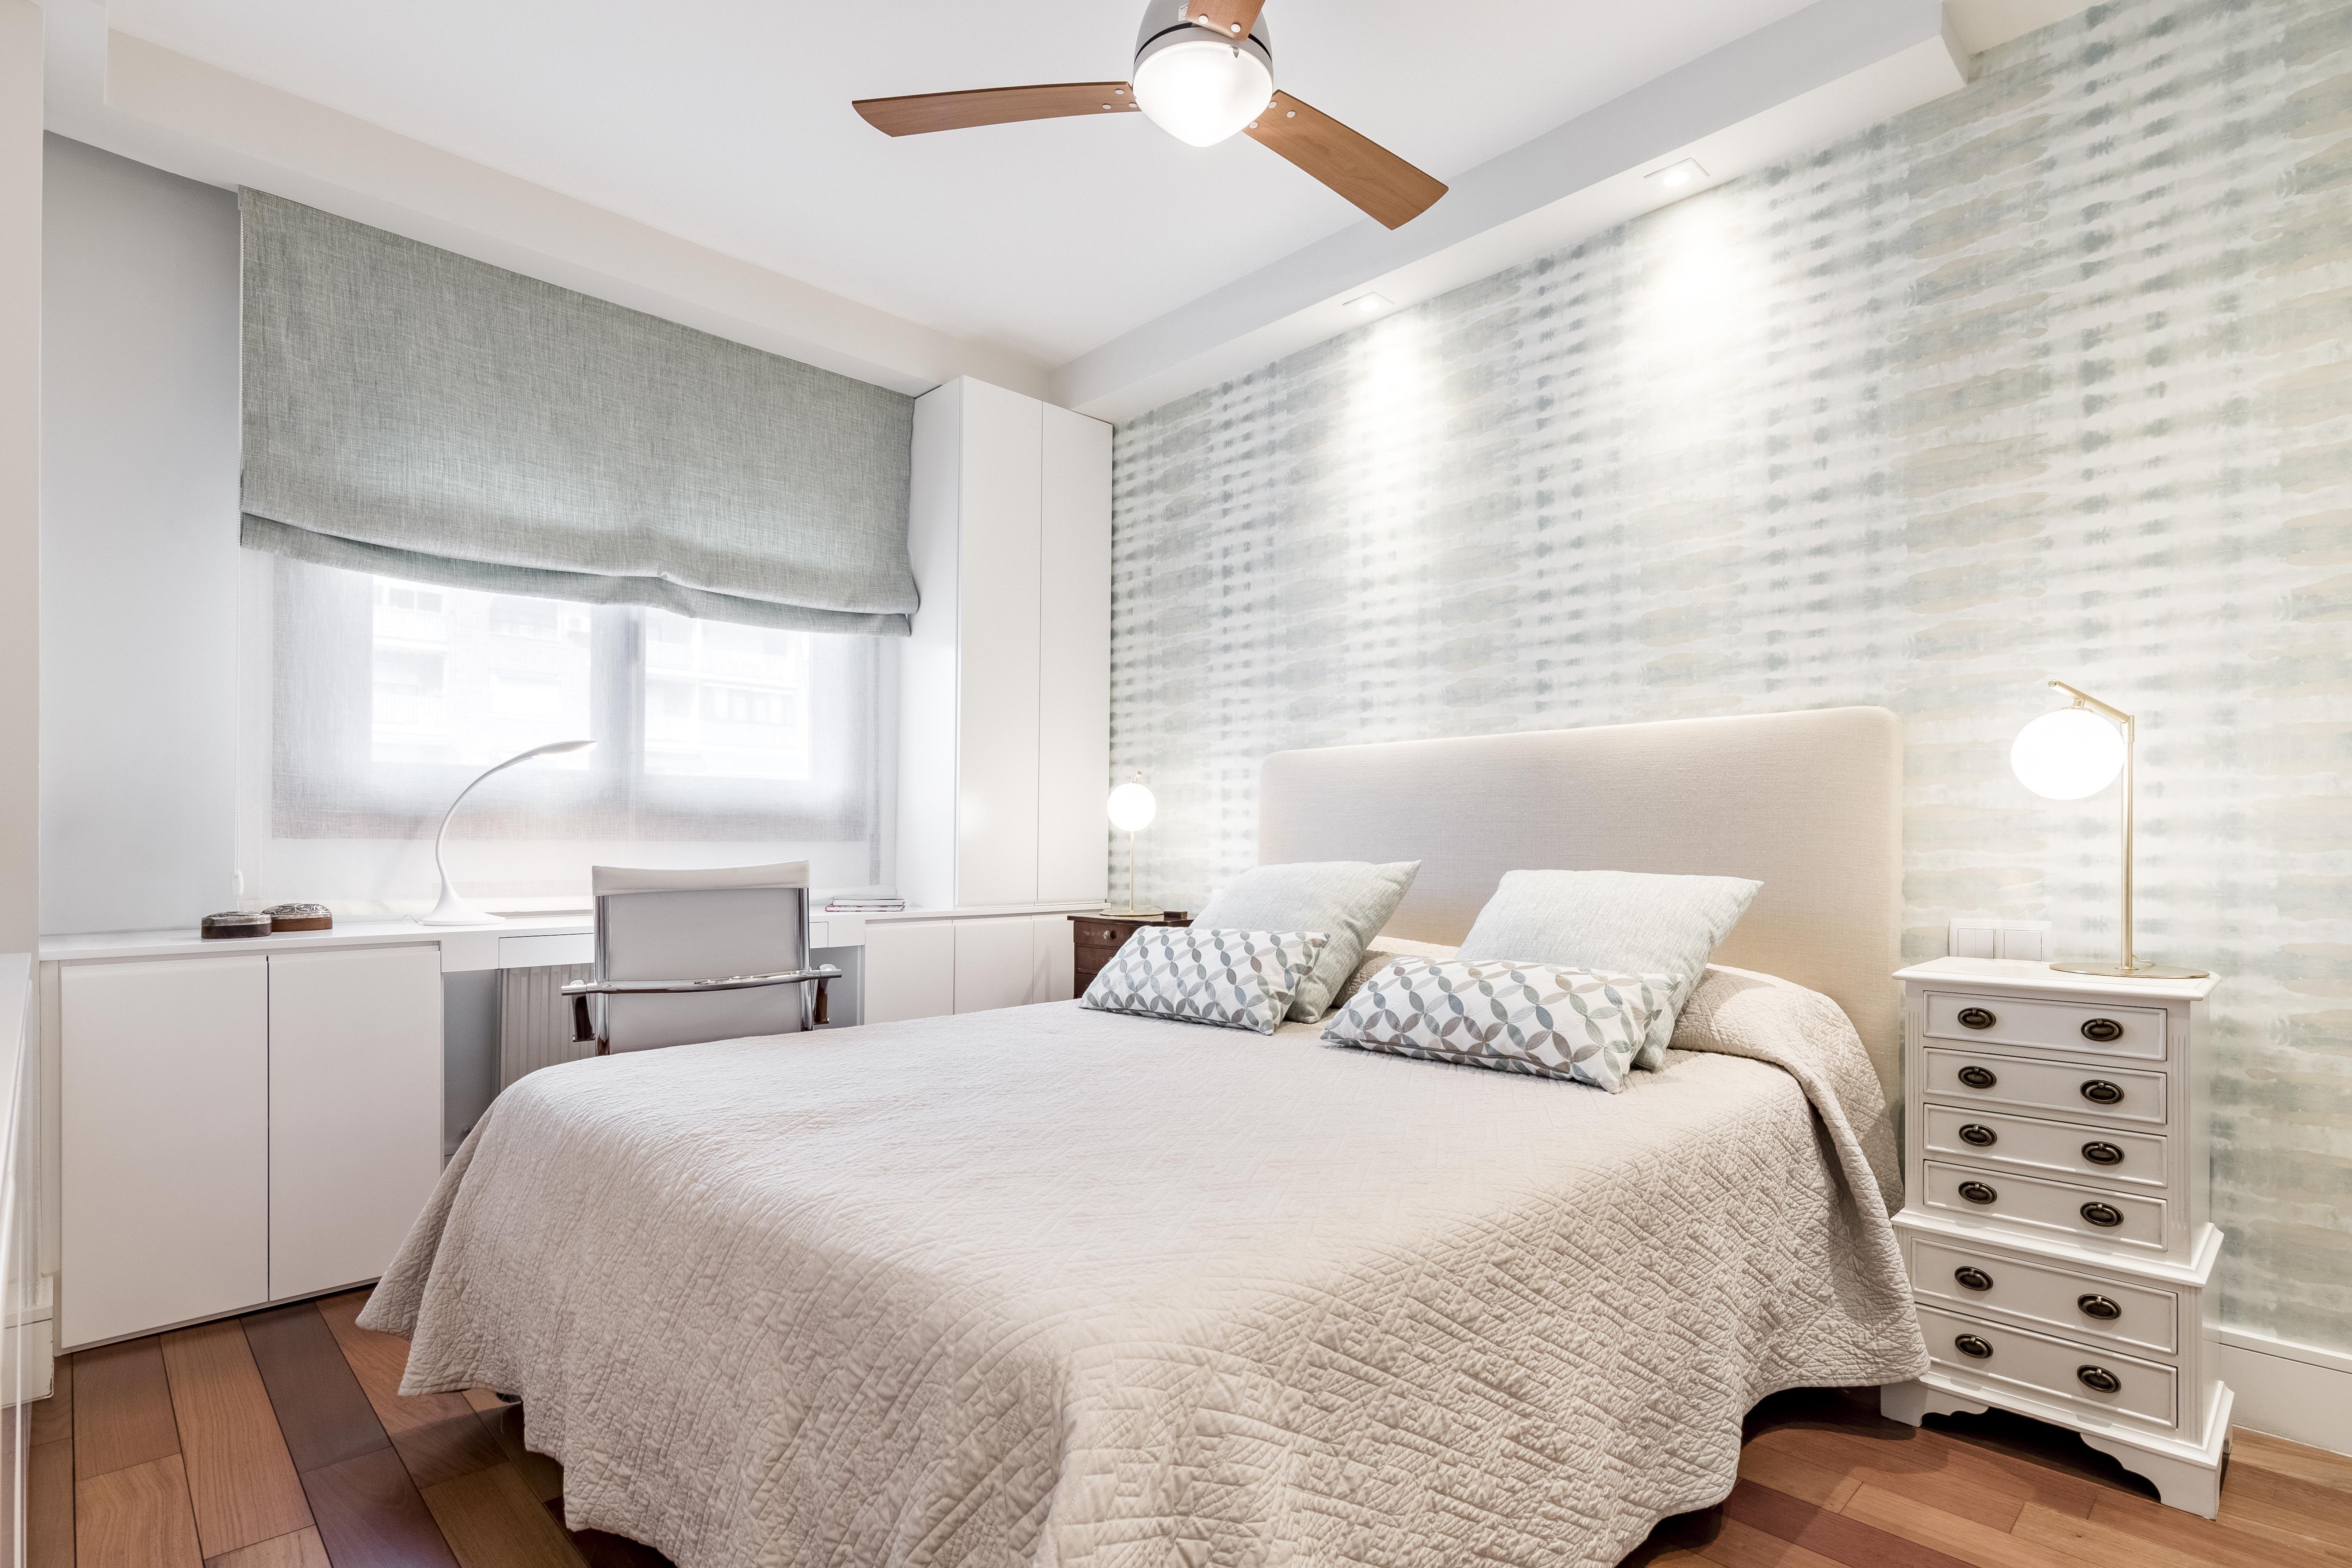 Interiorismo dormitorio en madrid - Ana de Cabo (1)